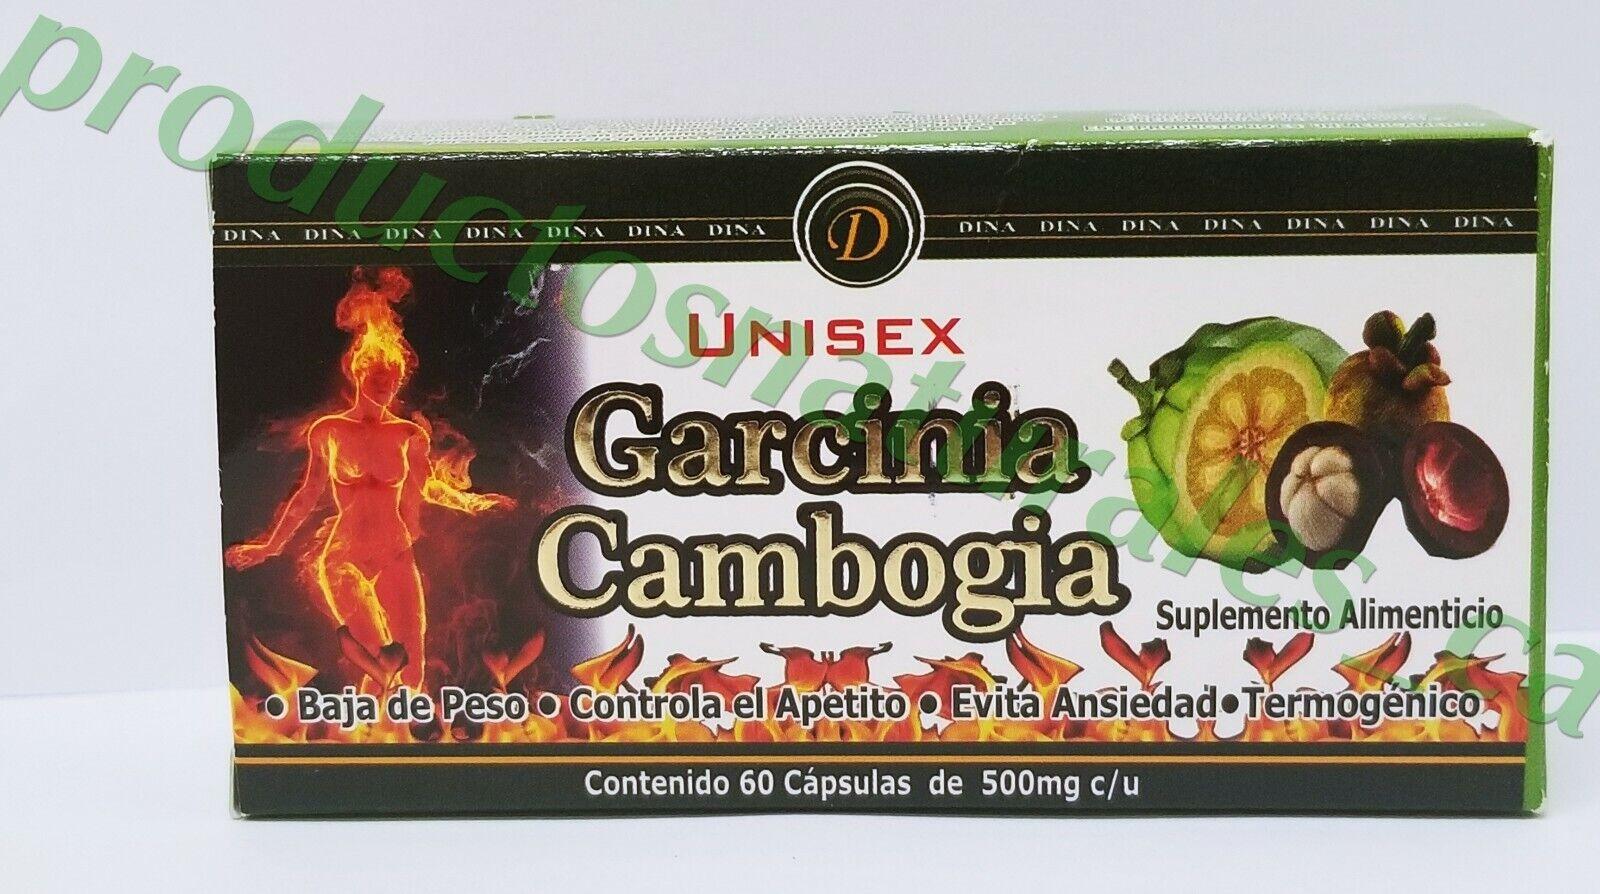 Garcinia Cambogia Unisex Dietary Supplement Baja de Peso Reduce el apetito 60cap